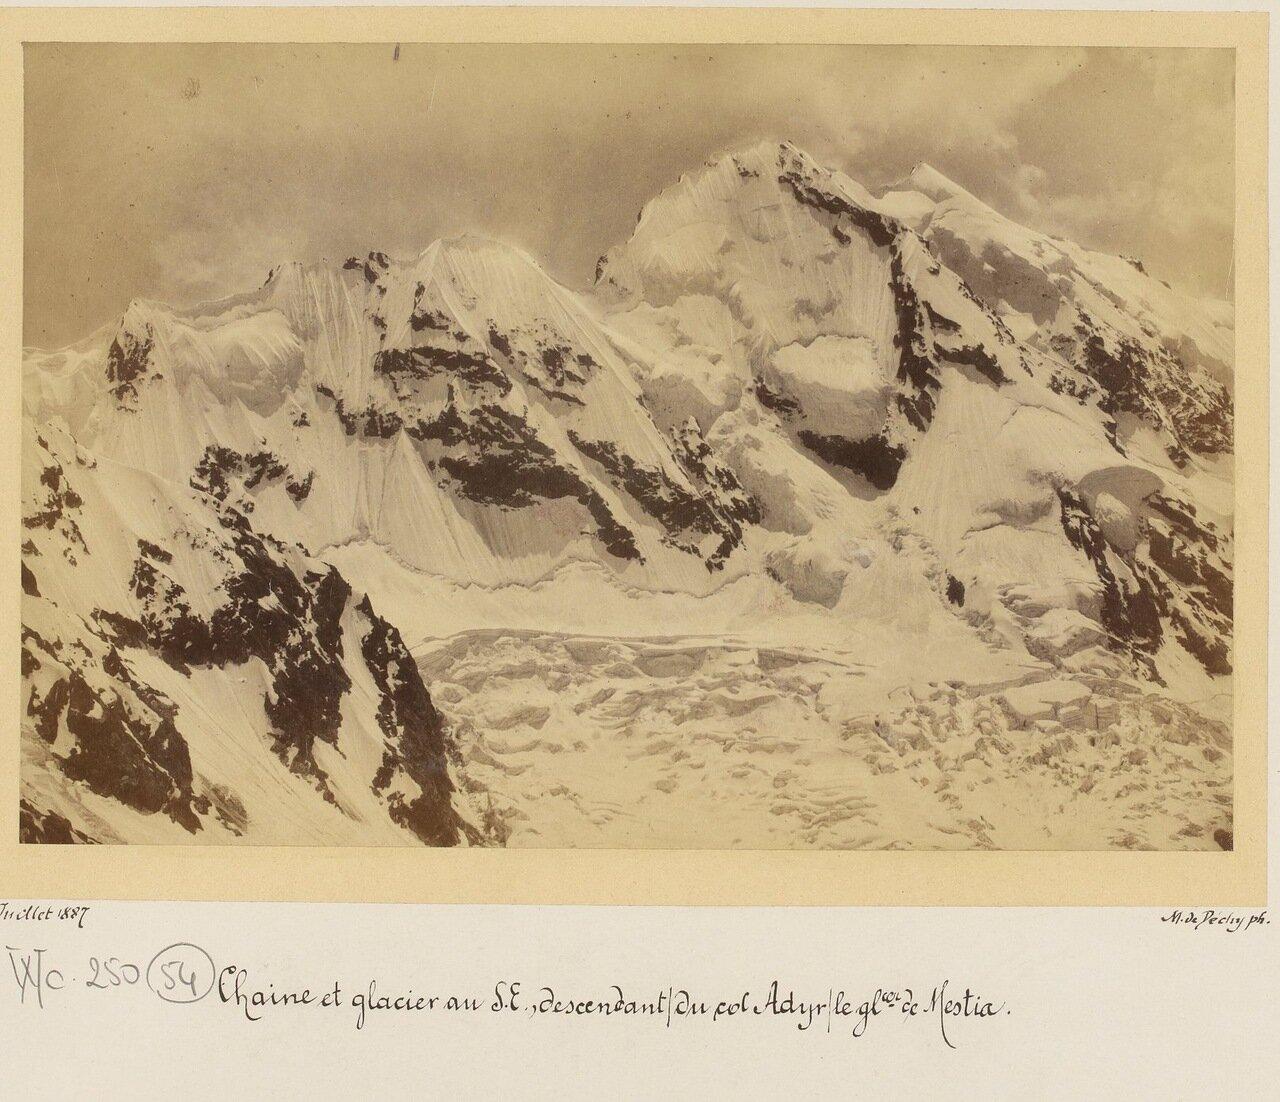 Цепь ледников на перевале Адир и ледник Местия